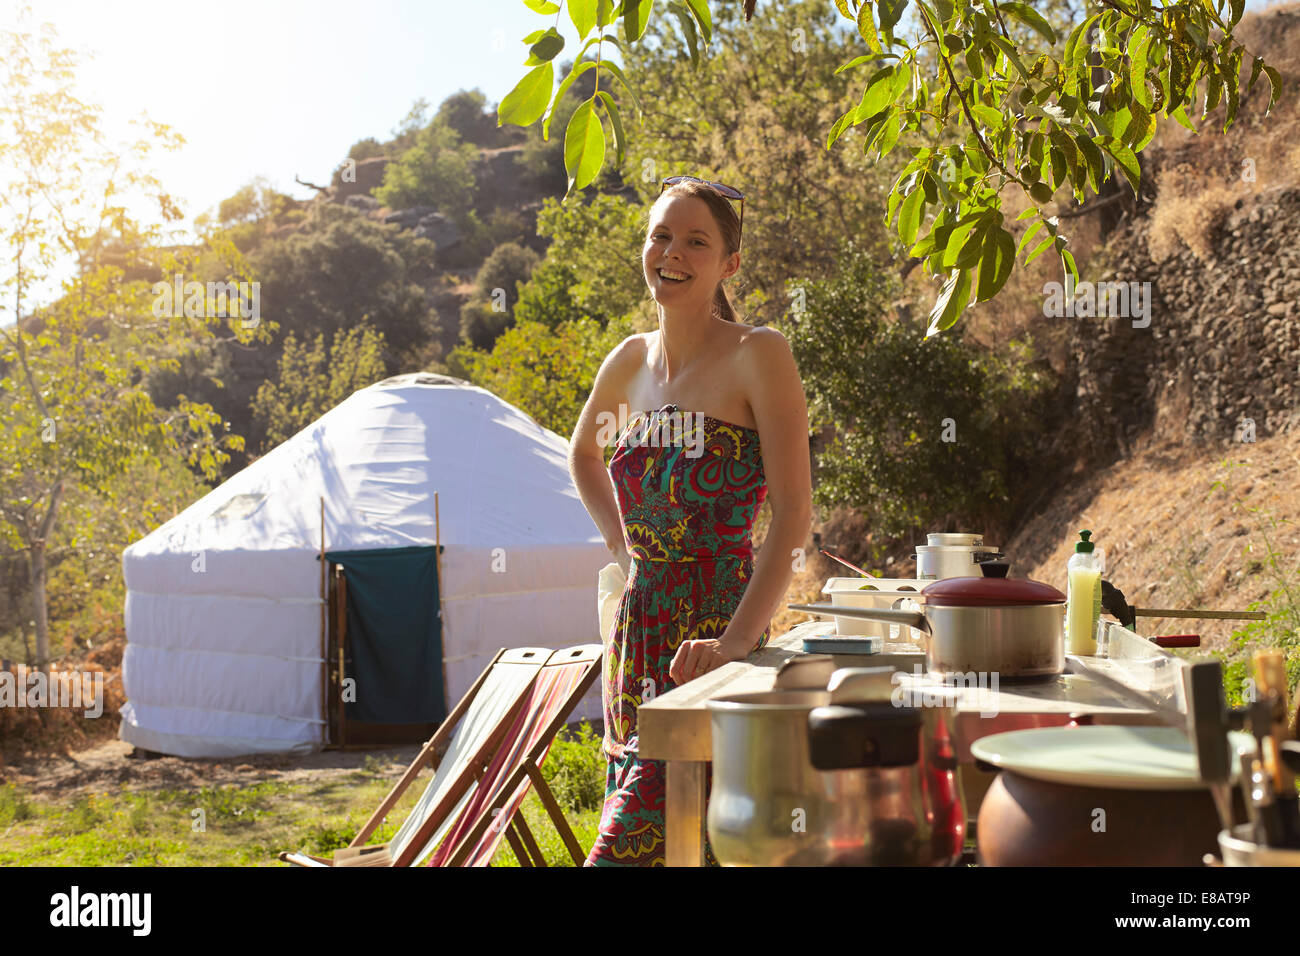 Jeune femme la préparation de denrées alimentaires tout en glamping, la Sierra Nevada, Andalousie, Espagne Photo Stock